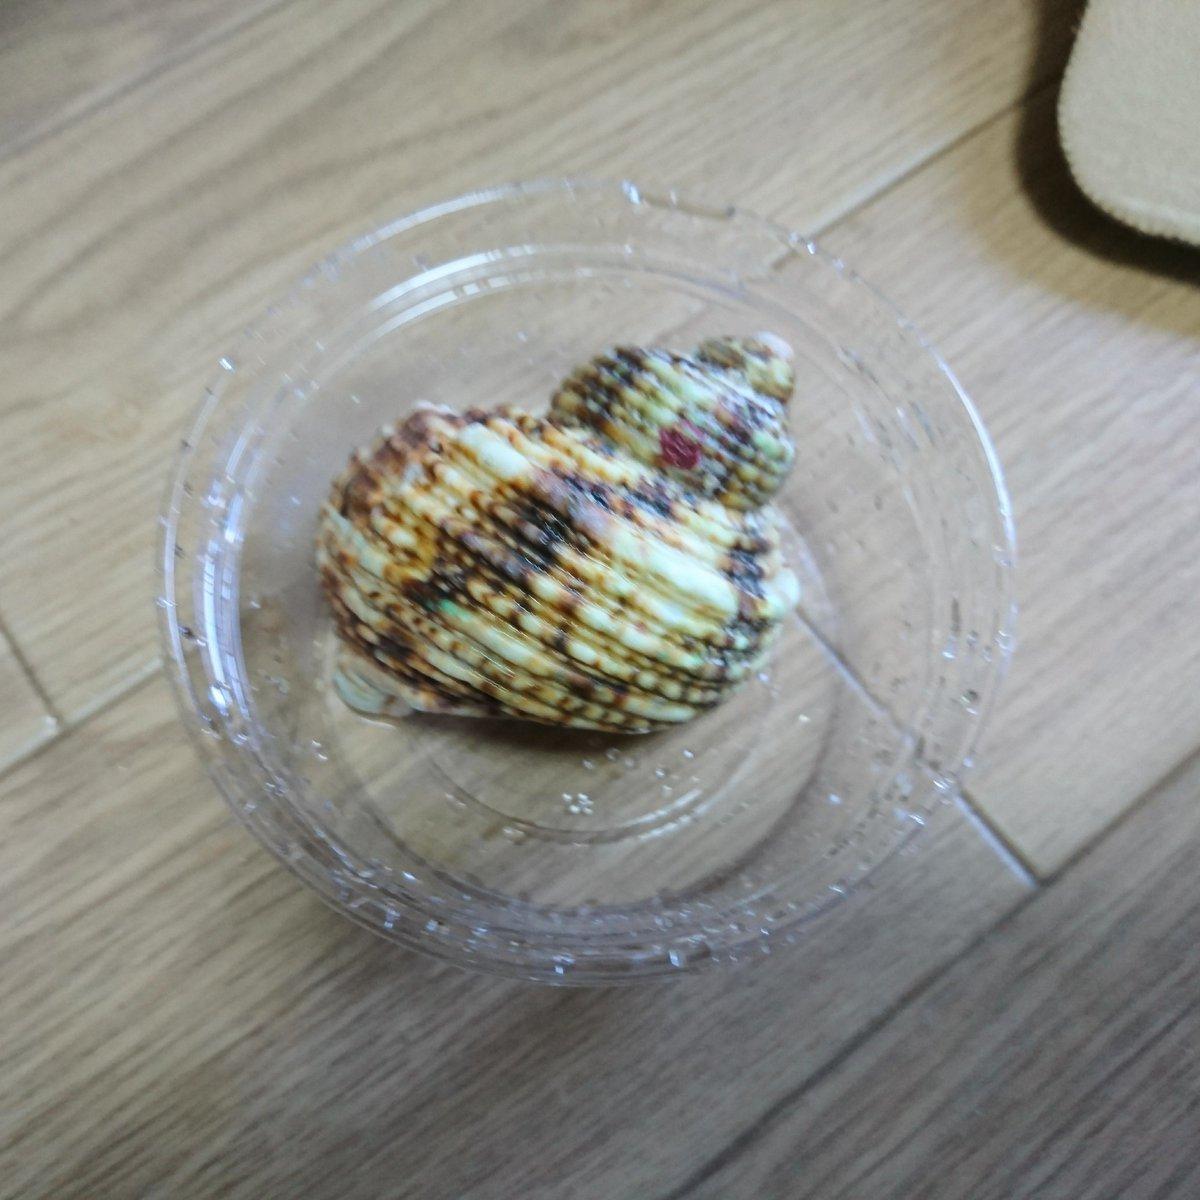 1月のお攫い!  裏側が真珠色の貝殻は、サンポールで表面溶かしてペーパーで磨くと全部真珠色になる!  #軽い気持ちで作ったら思った以上に反響があった物